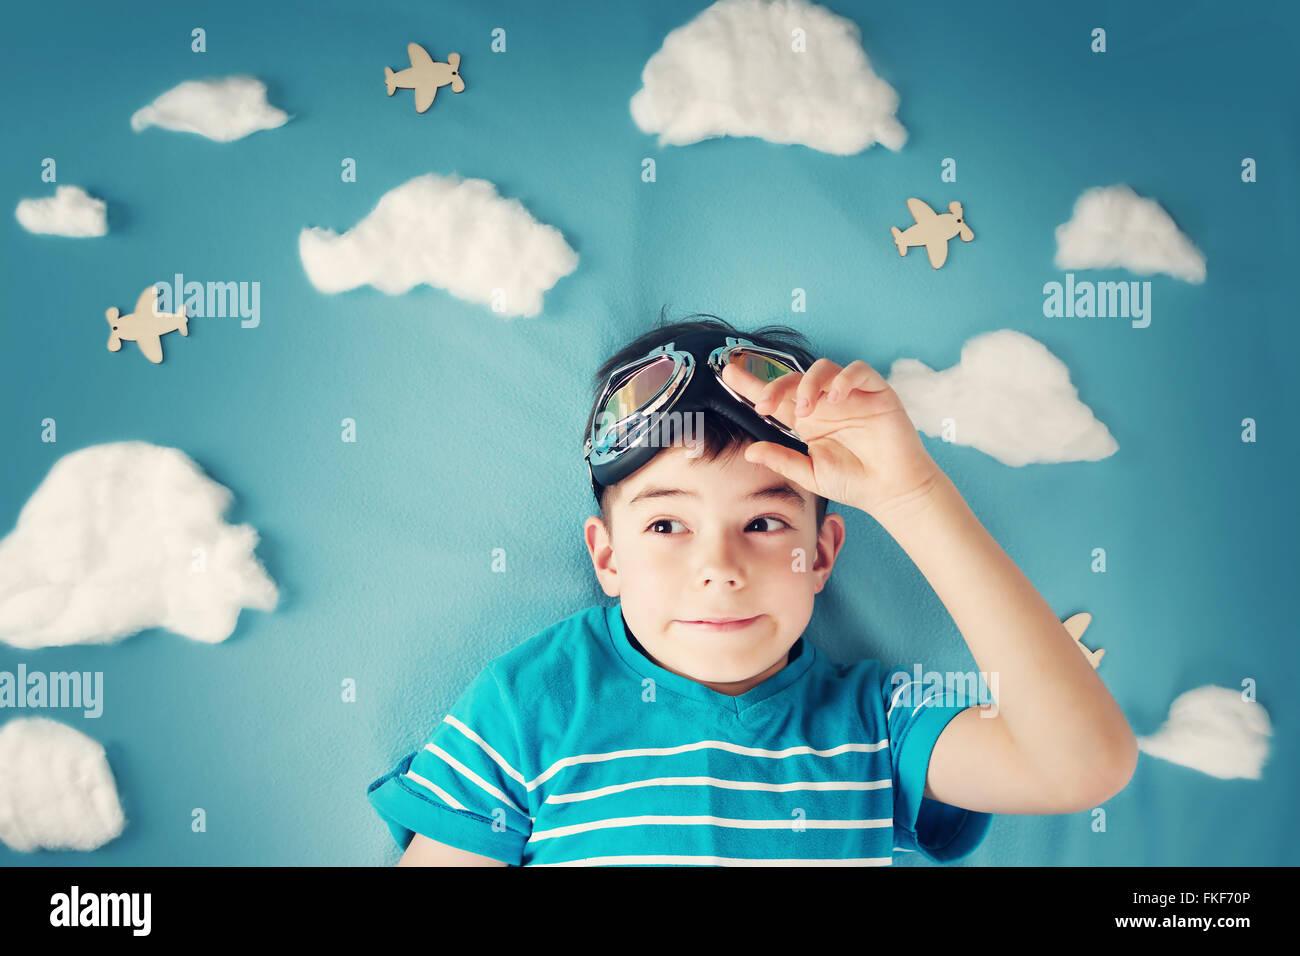 Niño acostado sobre una manta con nubes blancas Imagen De Stock